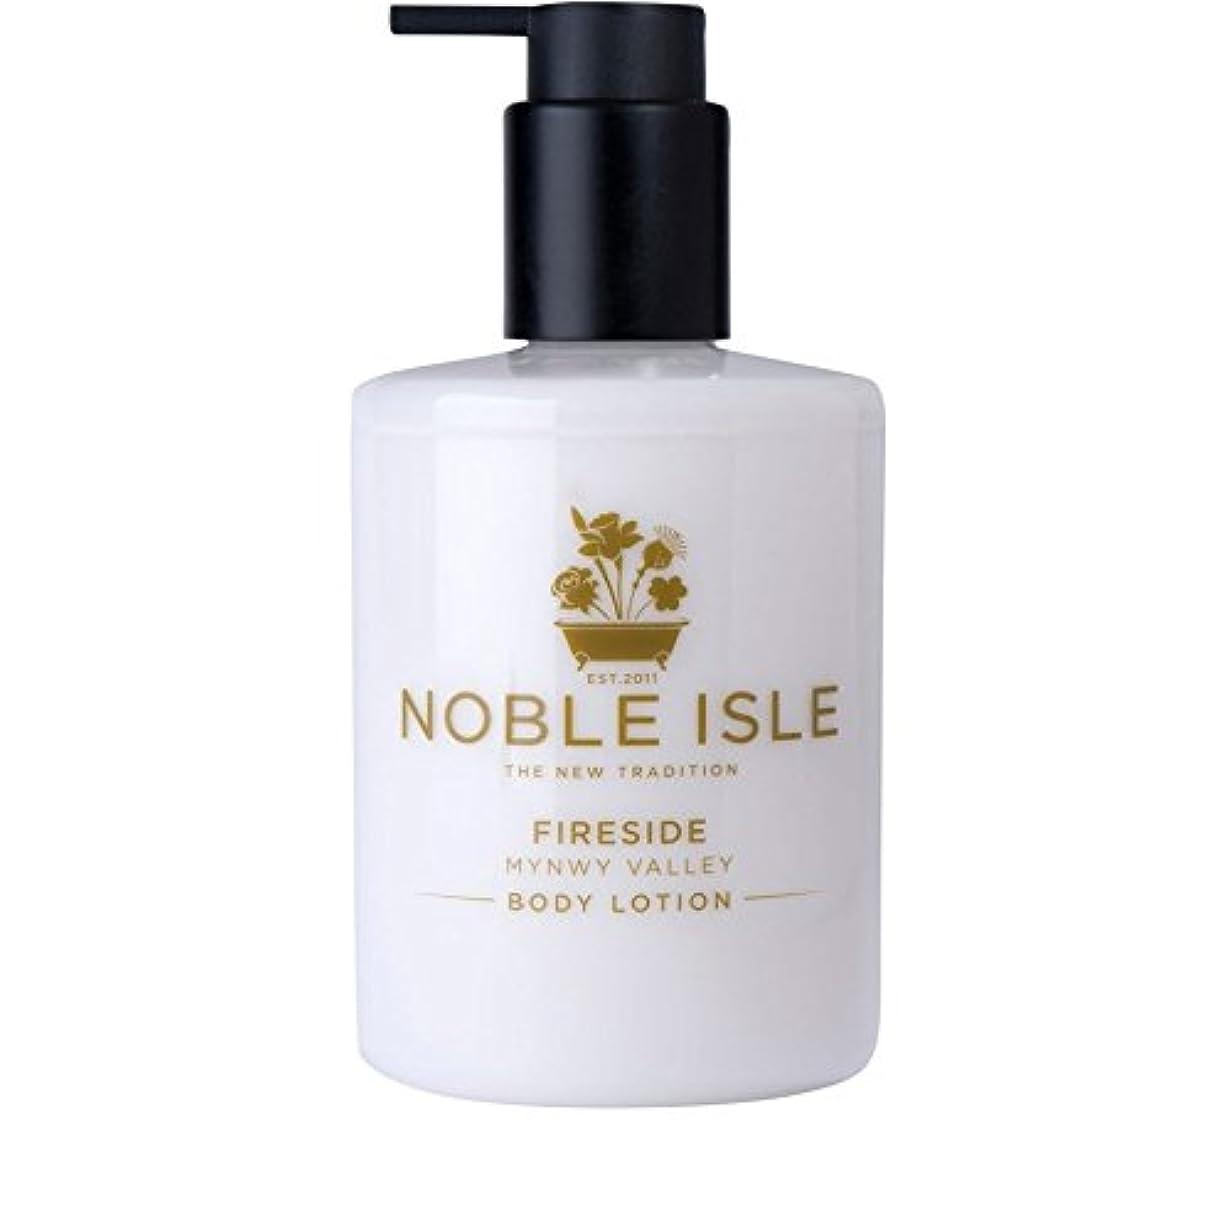 花ネット担保Noble Isle Fireside Mynwy Valley Body Lotion 250ml (Pack of 6) - 高貴な島炉端谷のボディローション250ミリリットル x6 [並行輸入品]